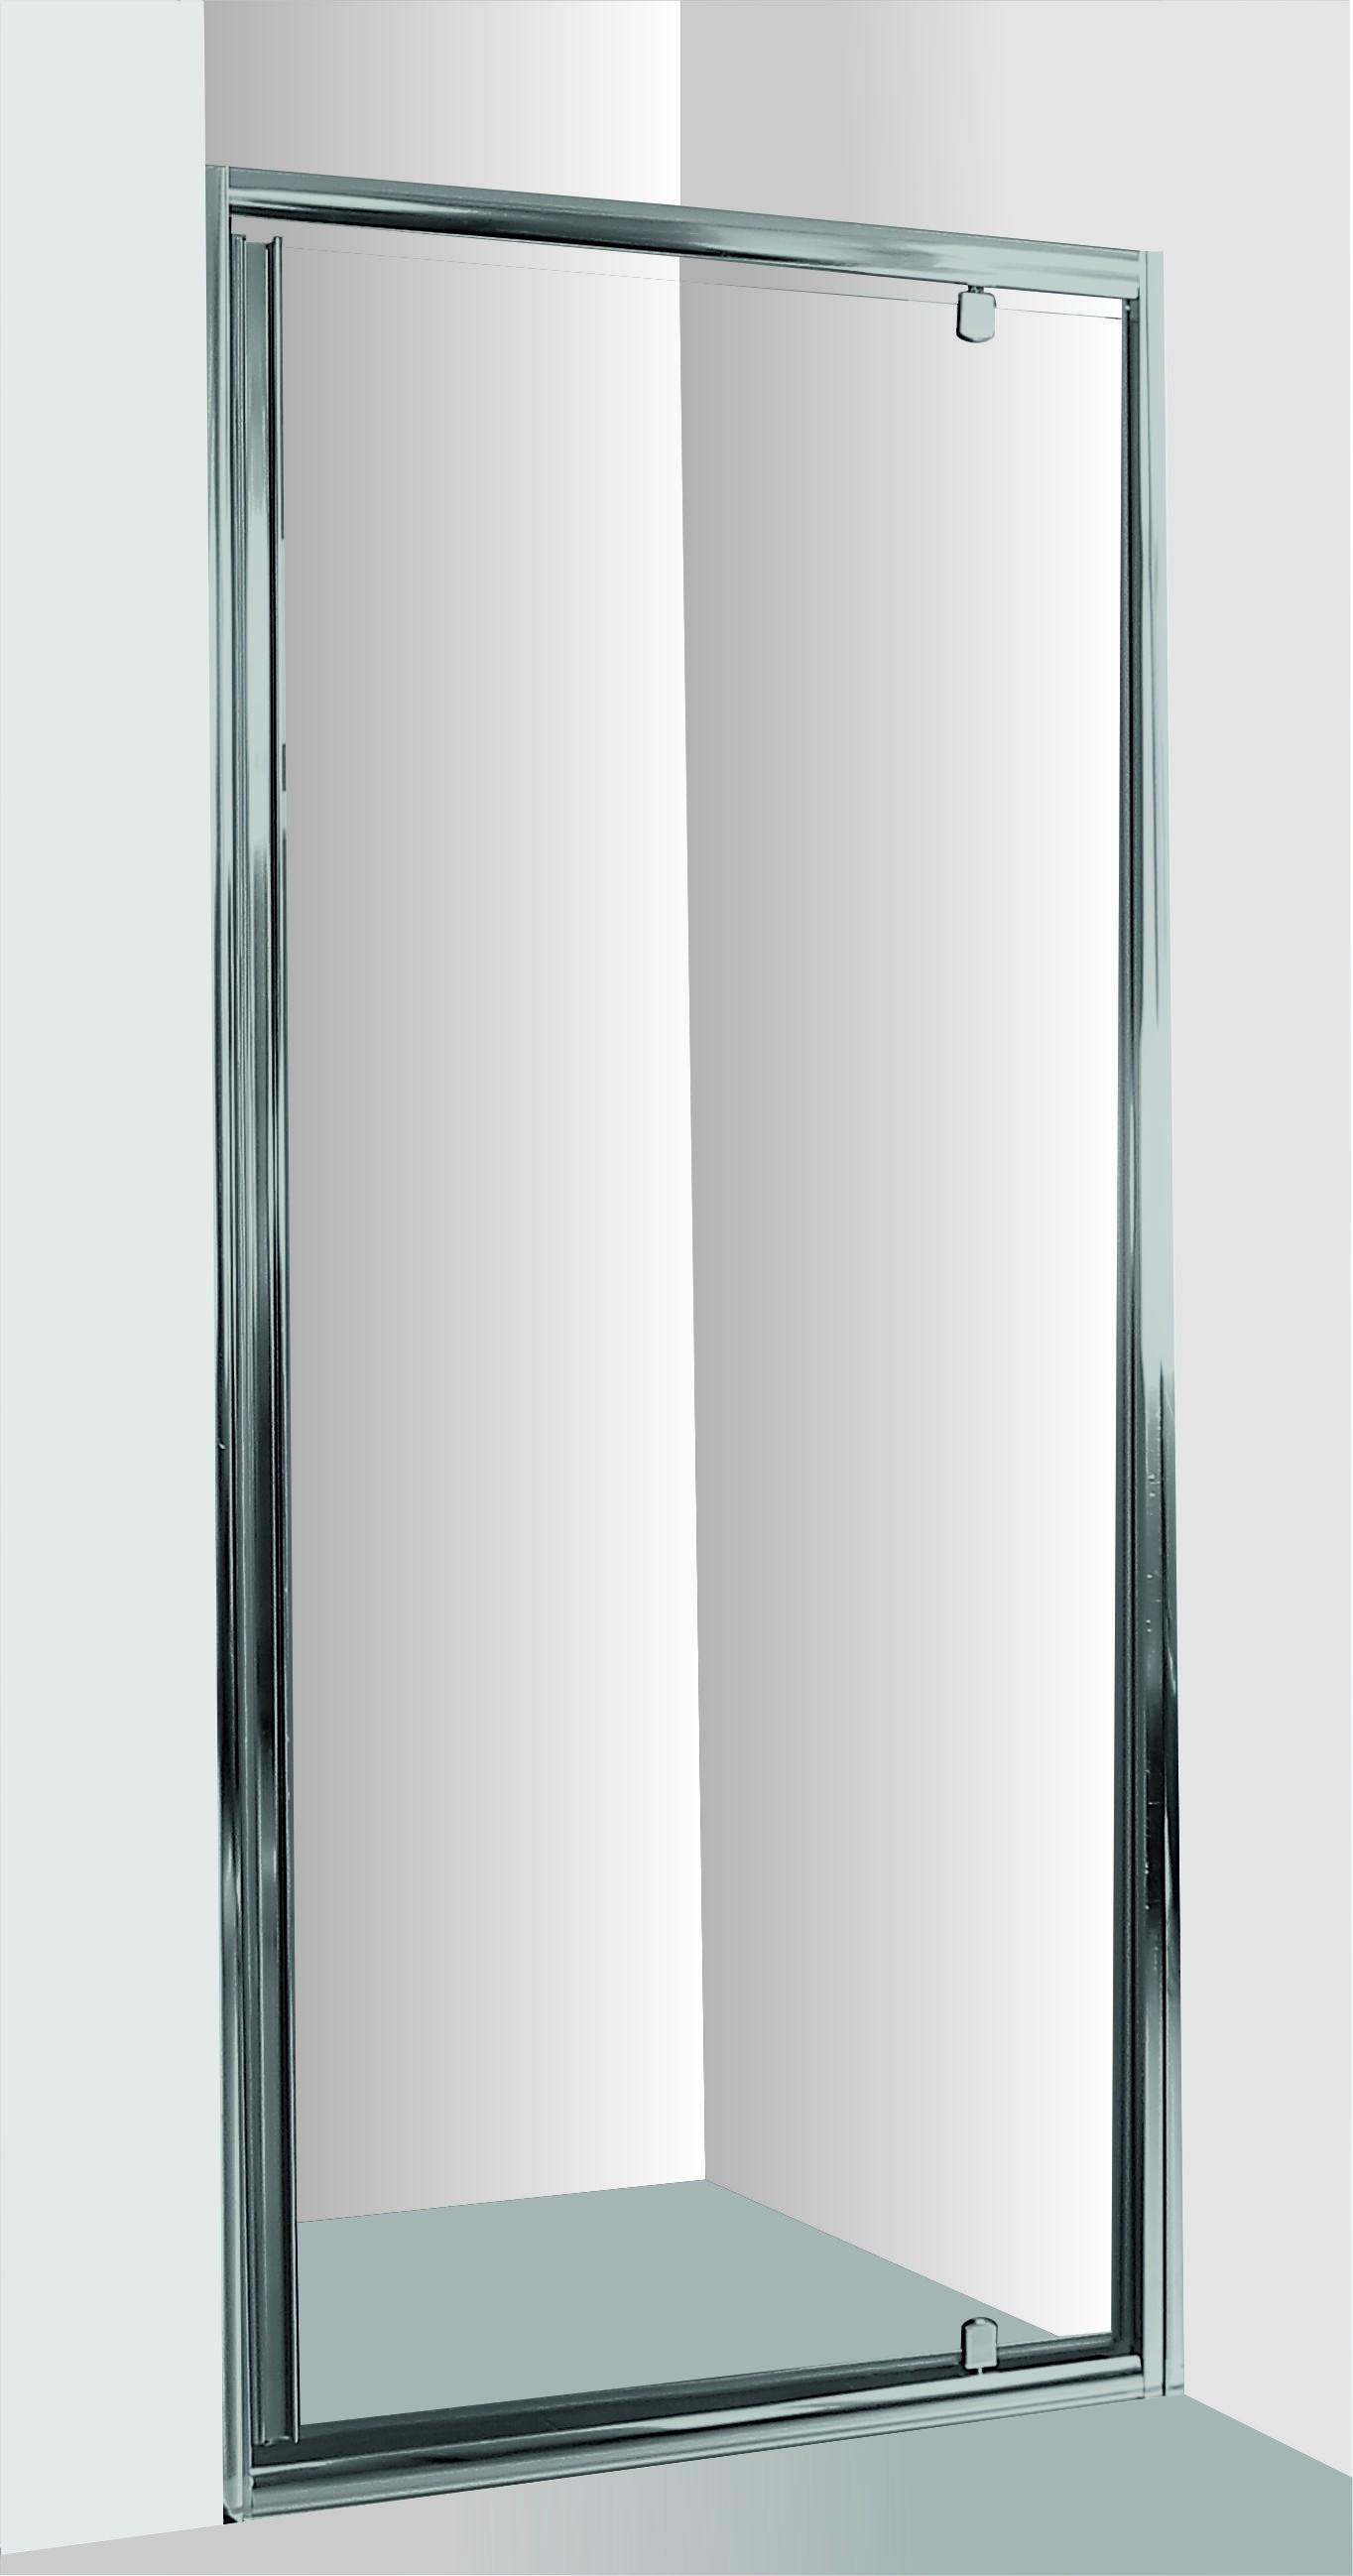 HOPA - Sprchové dvere do niky SMART - alarm - Farba rámu zásteny - Hliník chróm, Rozmer A - 90 cm, Smer zatváranie - Univerzálny Ľavé / Pravé, Výplň - Grape bezpečnostné sklo - 6 mm OLBALA90CGBV